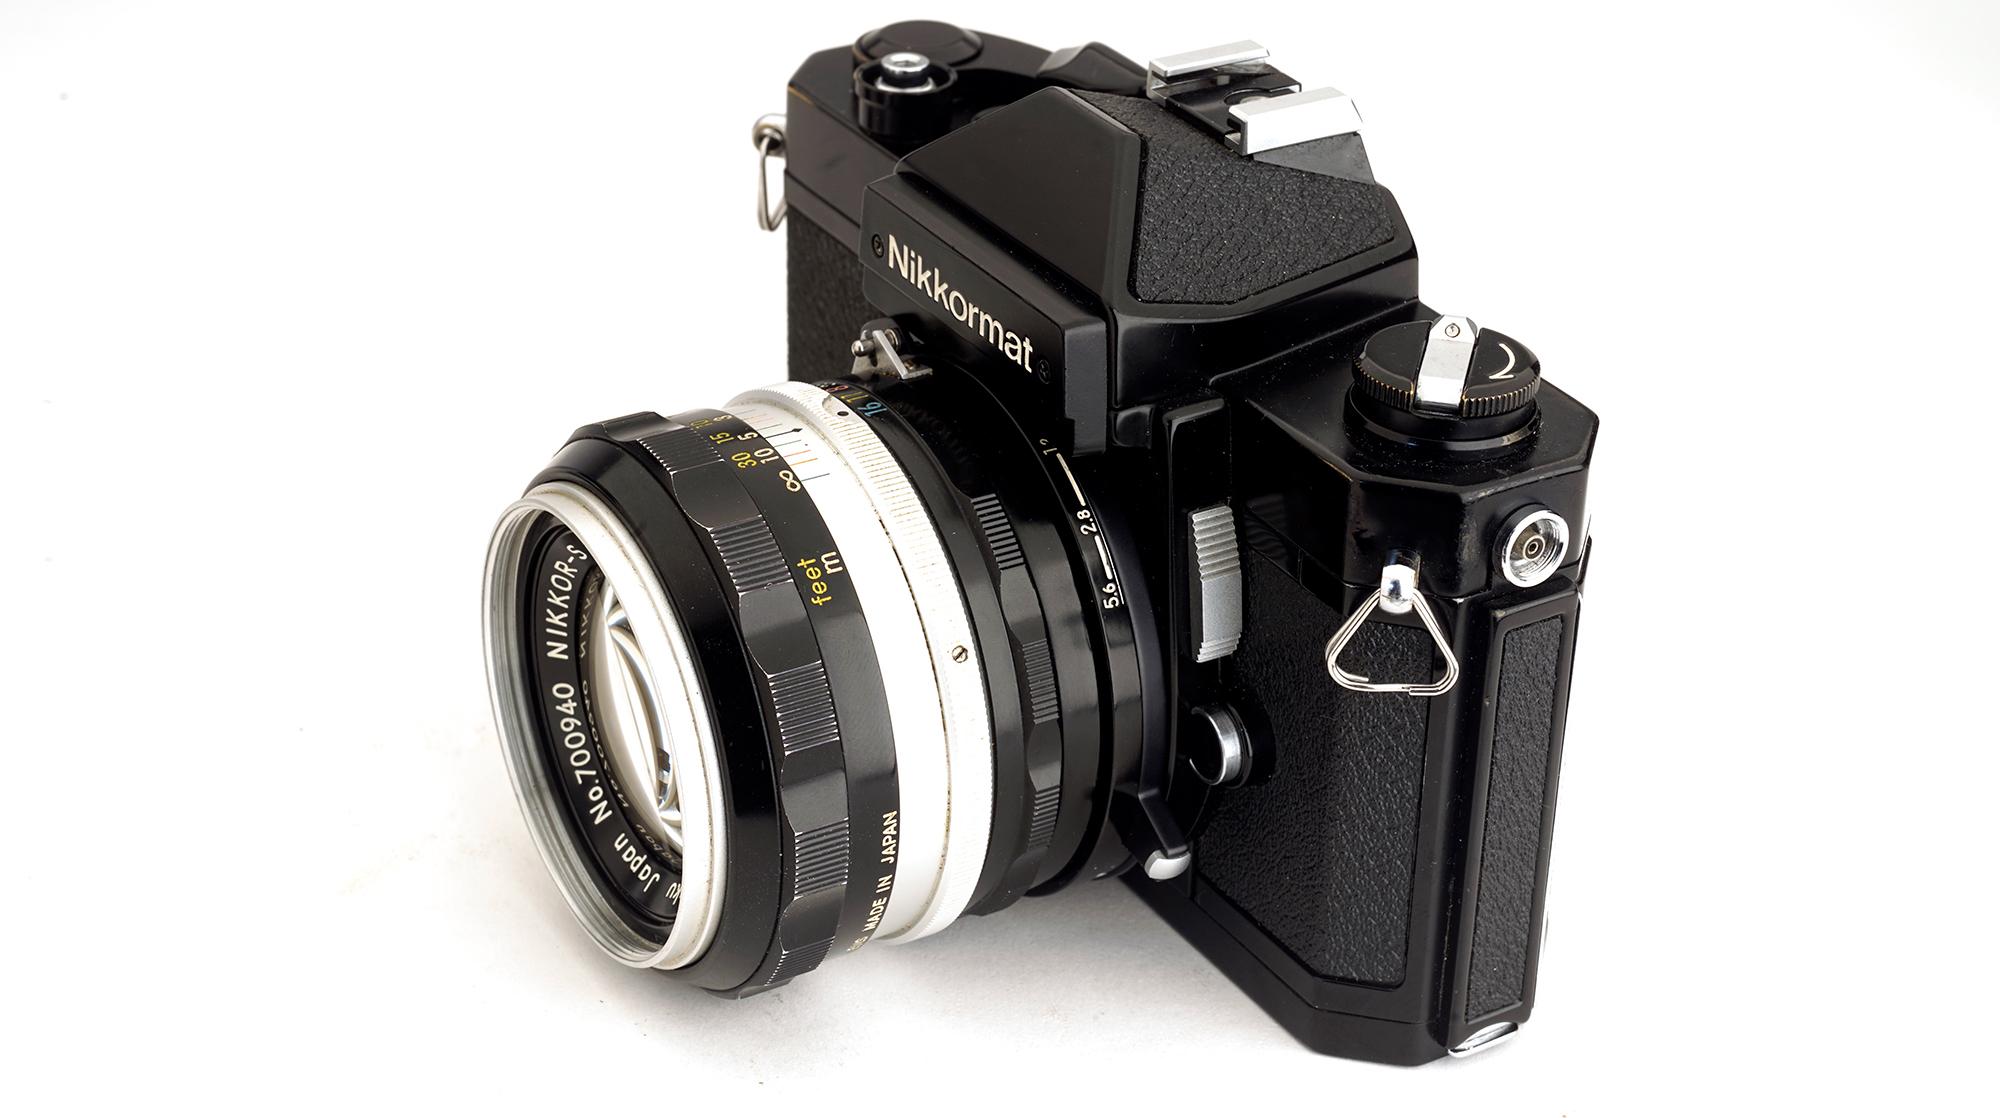 Classic Camera Review: Nikkormat FT-2, The Poor Man's Nikon F | B&H